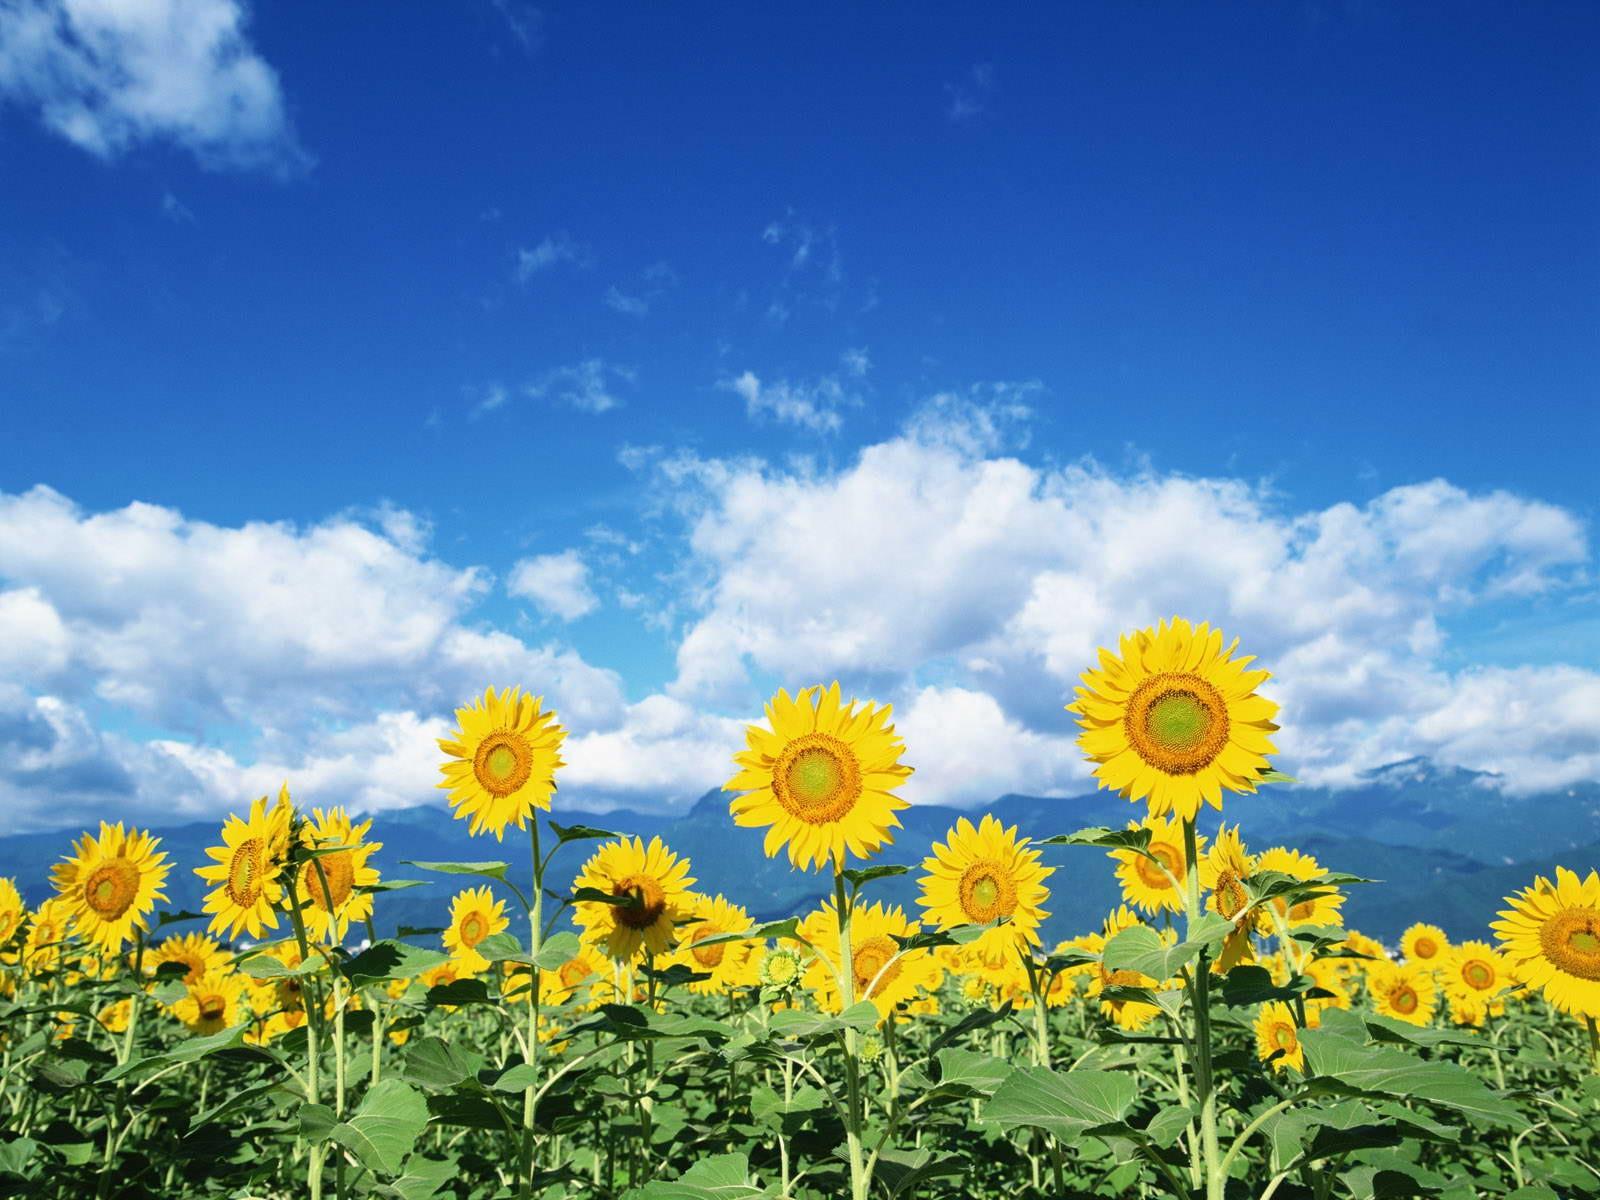 Небо прекрасная погода картинки